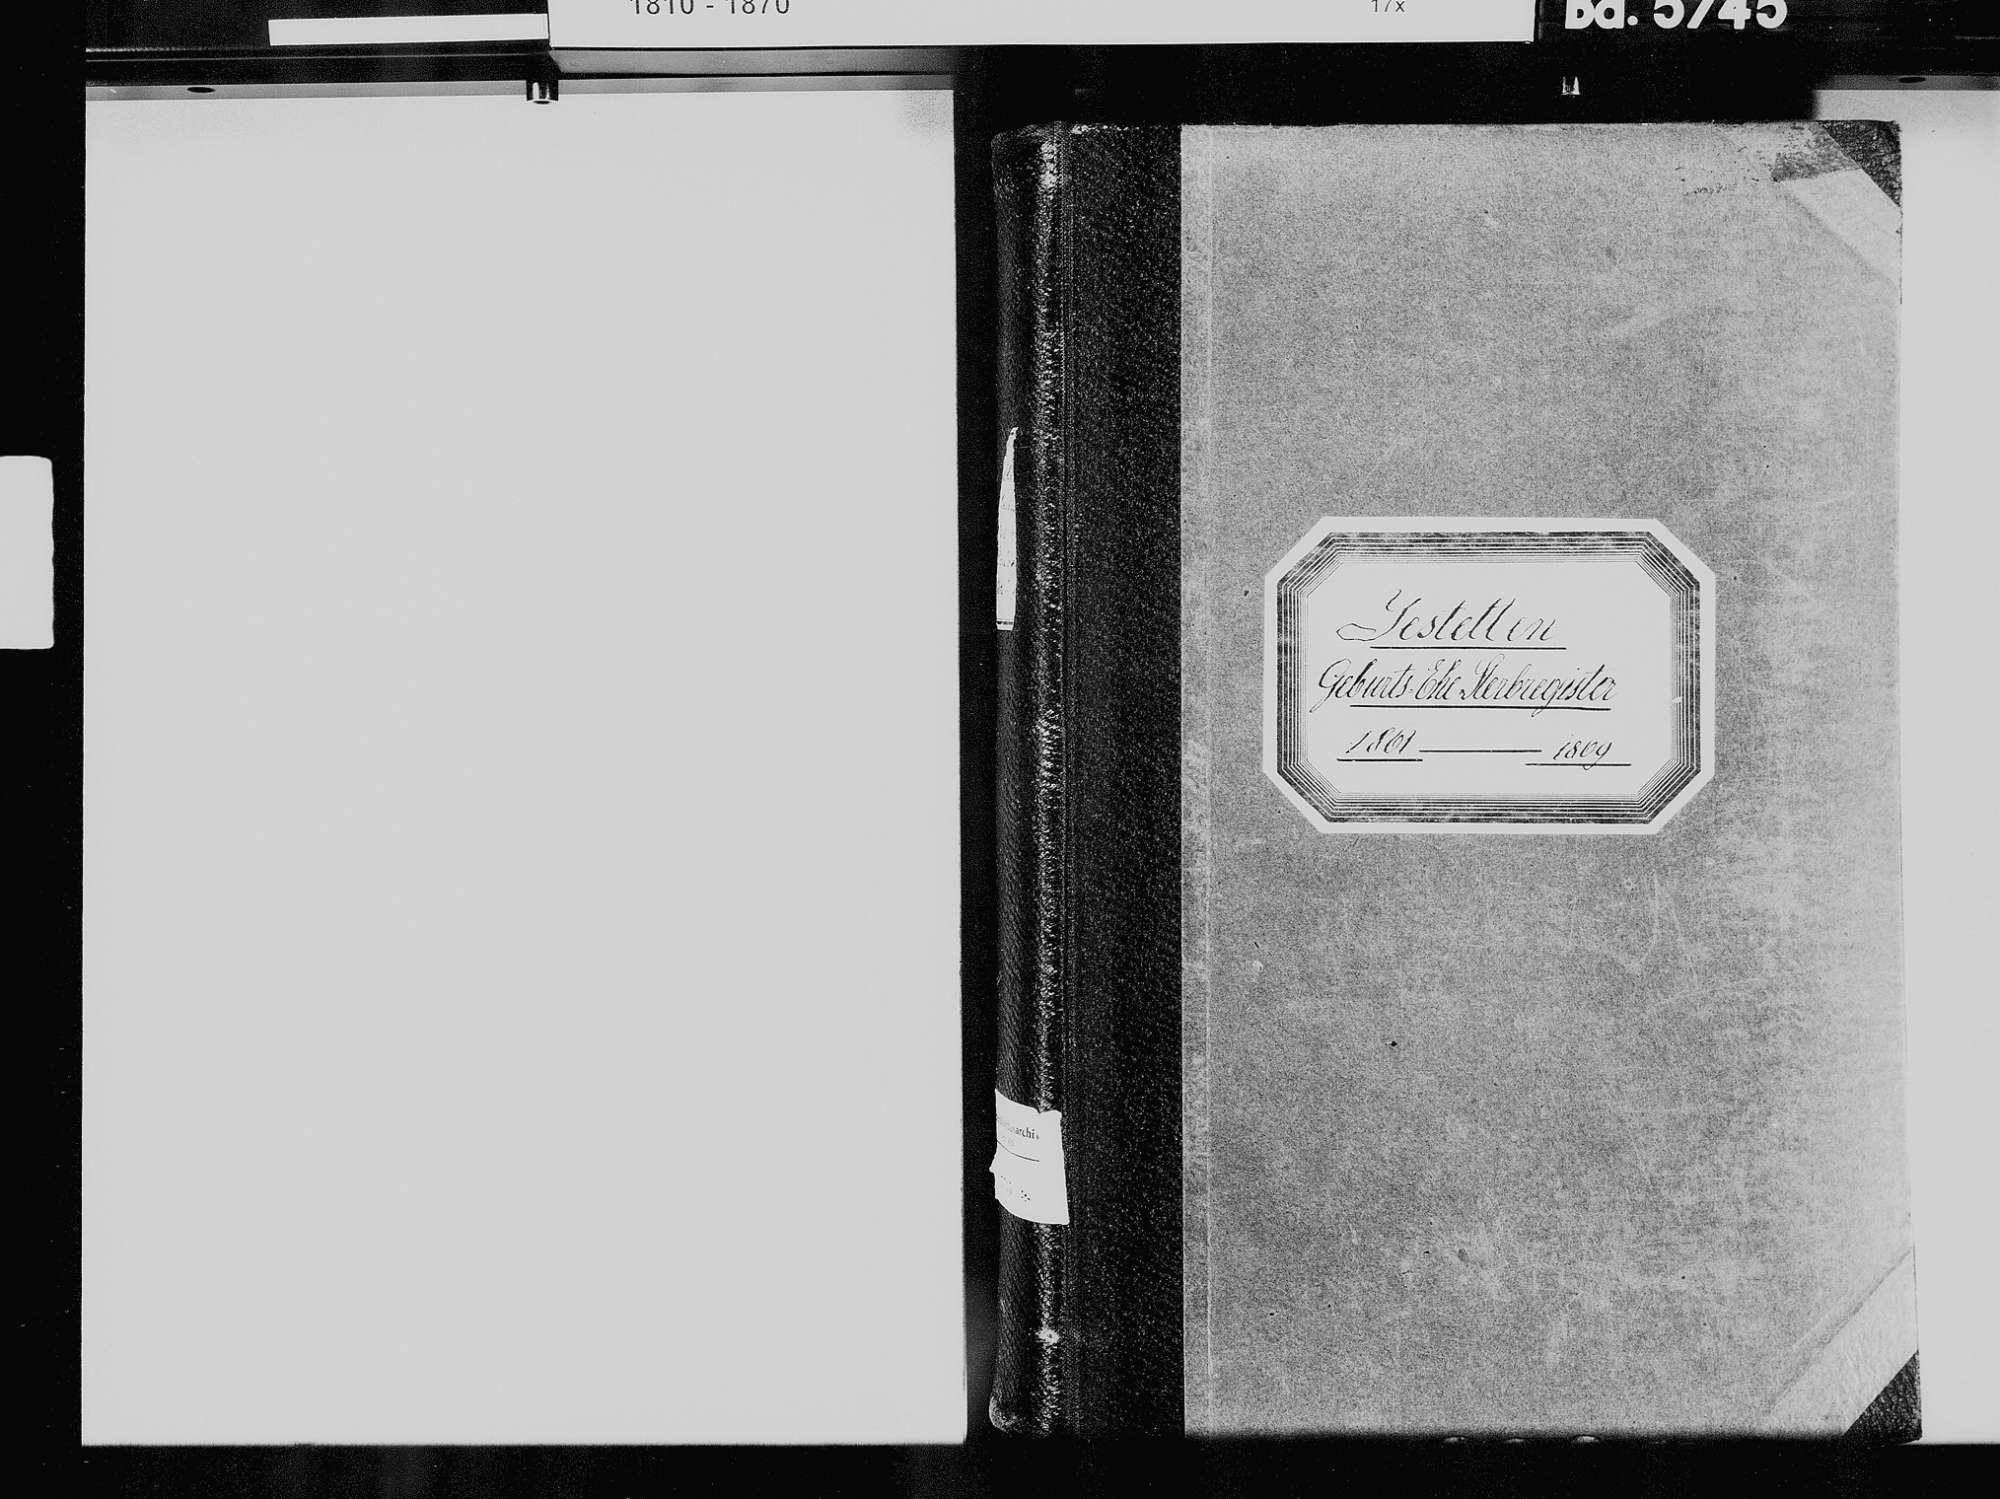 Jestetten WT; Katholische Gemeinde: Geburtenbuch 1861-1869 Jestetten WT; Katholische Gemeinde: Heiratsbuch 1861-1869 Jestetten WT; Katholische Gemeinde: Sterbebuch 1861-1869, Bild 3